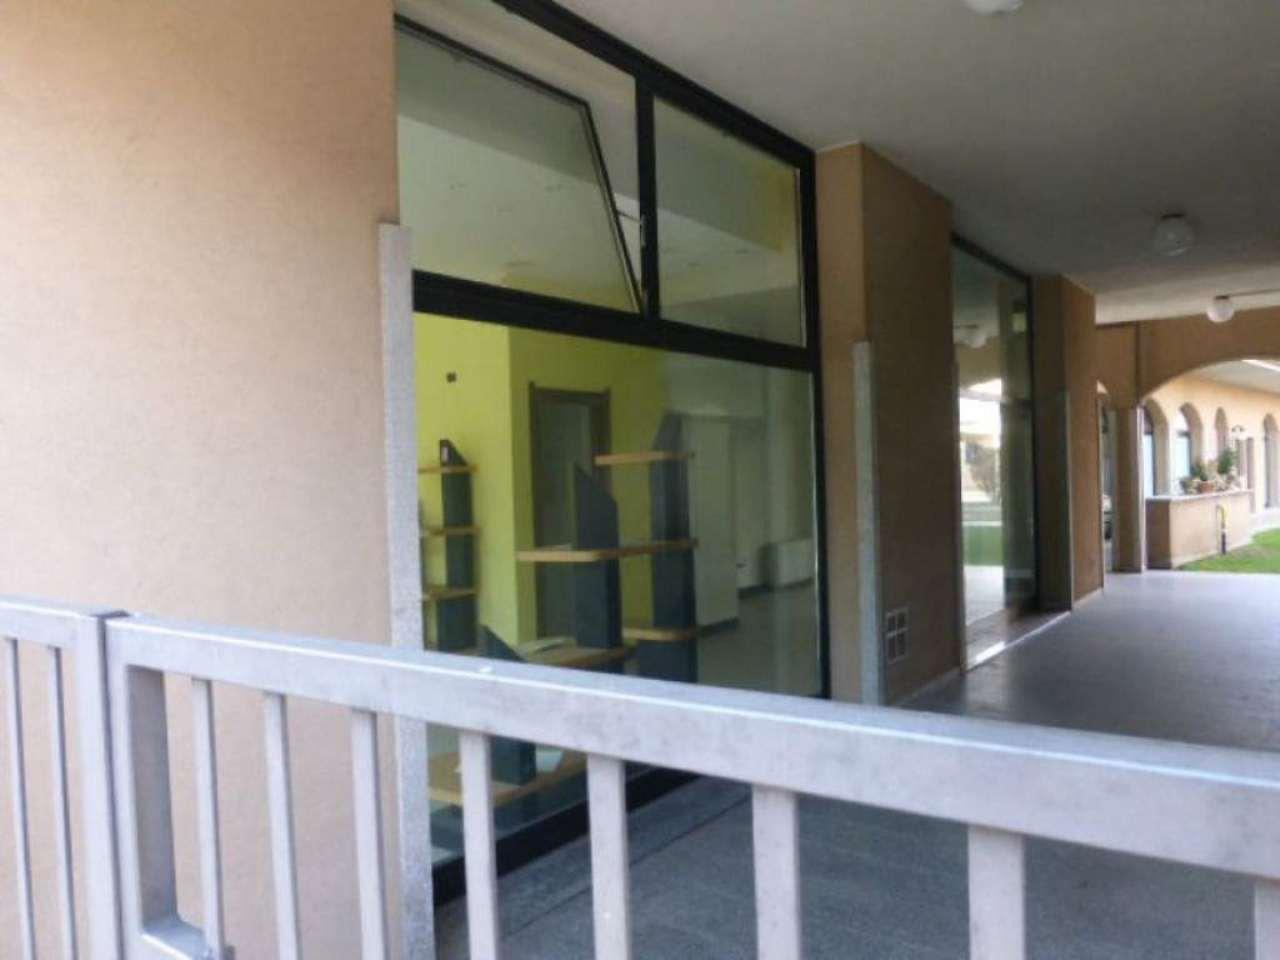 Negozio / Locale in vendita a Oggiona con Santo Stefano, 2 locali, prezzo € 80.000 | Cambio Casa.it